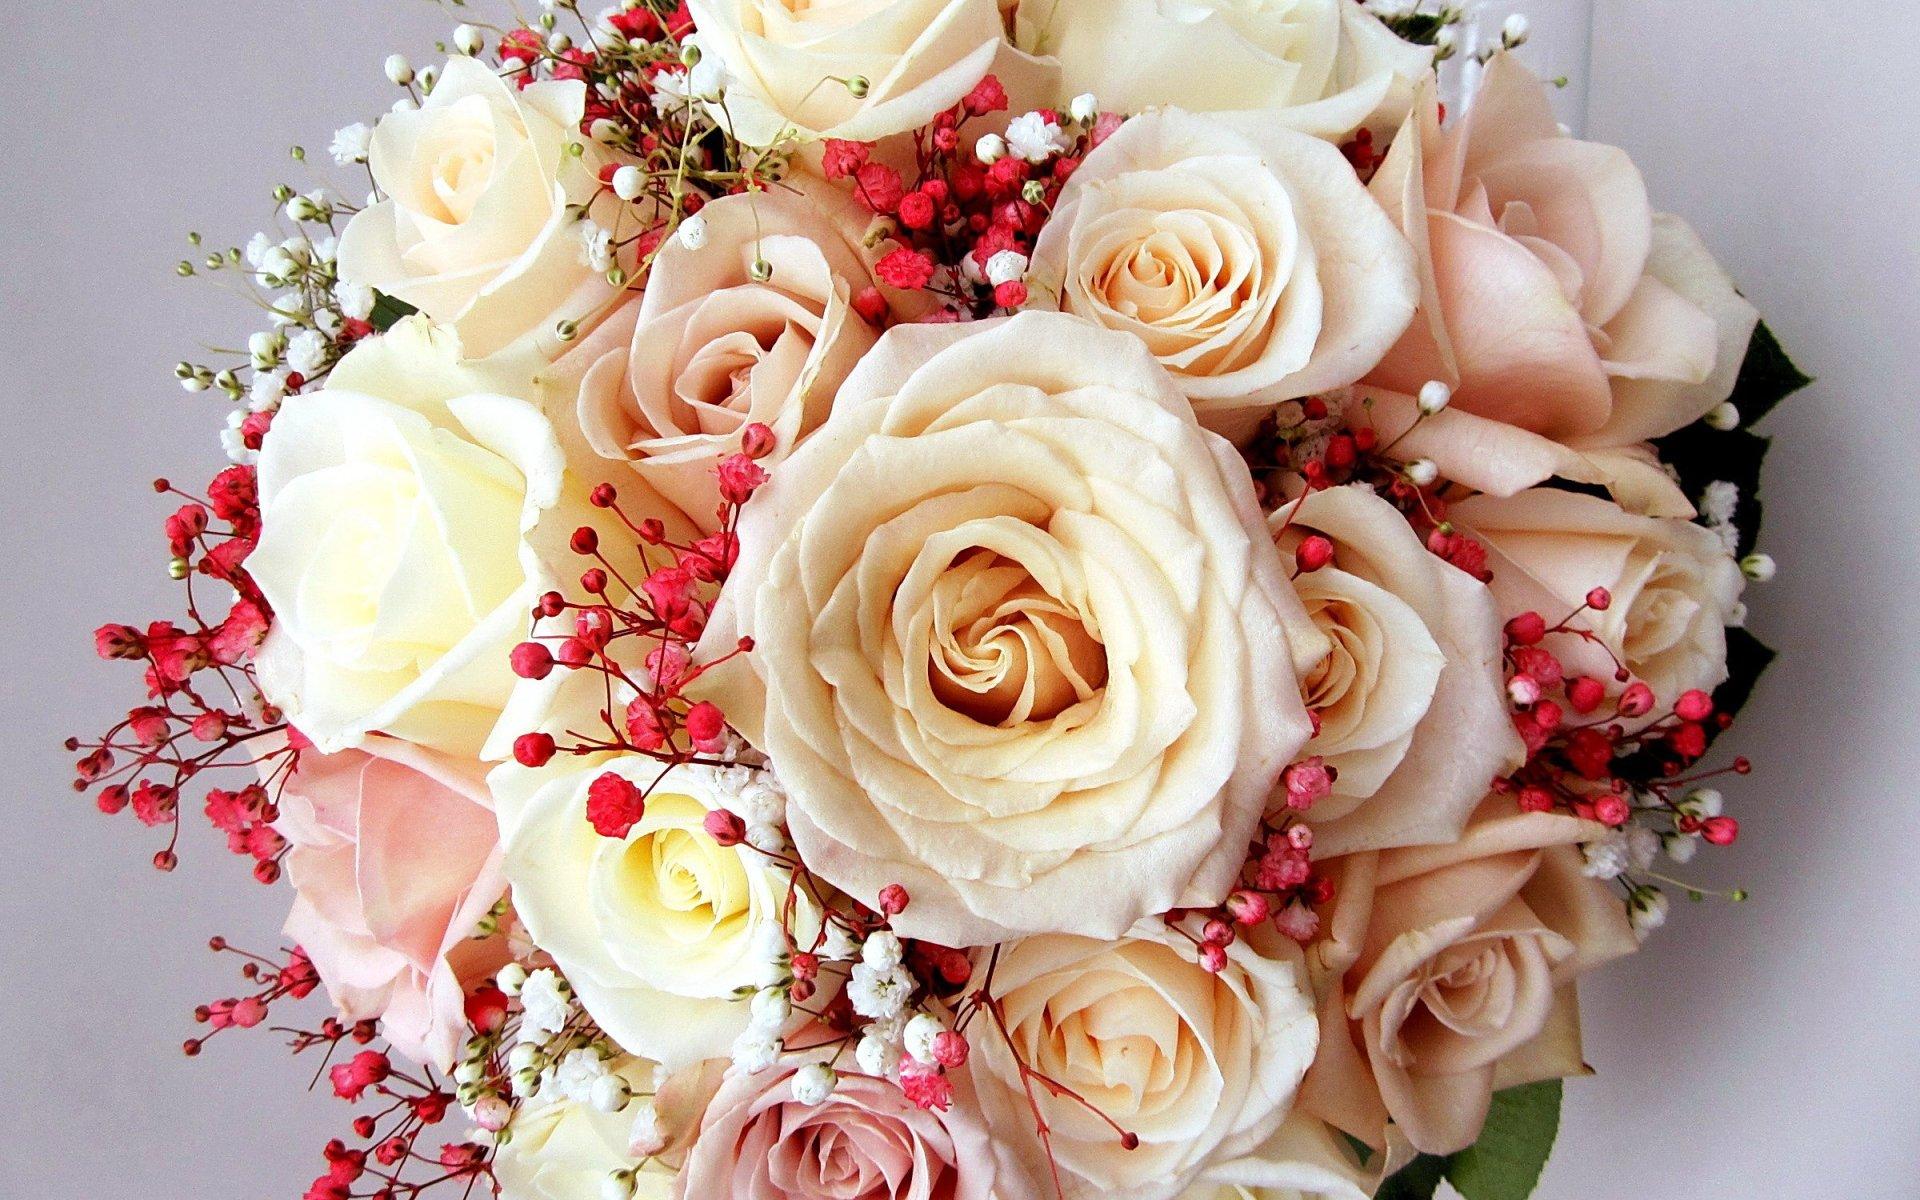 Man Made - Flower  Bouquet Rose White Rose White Flower Wallpaper